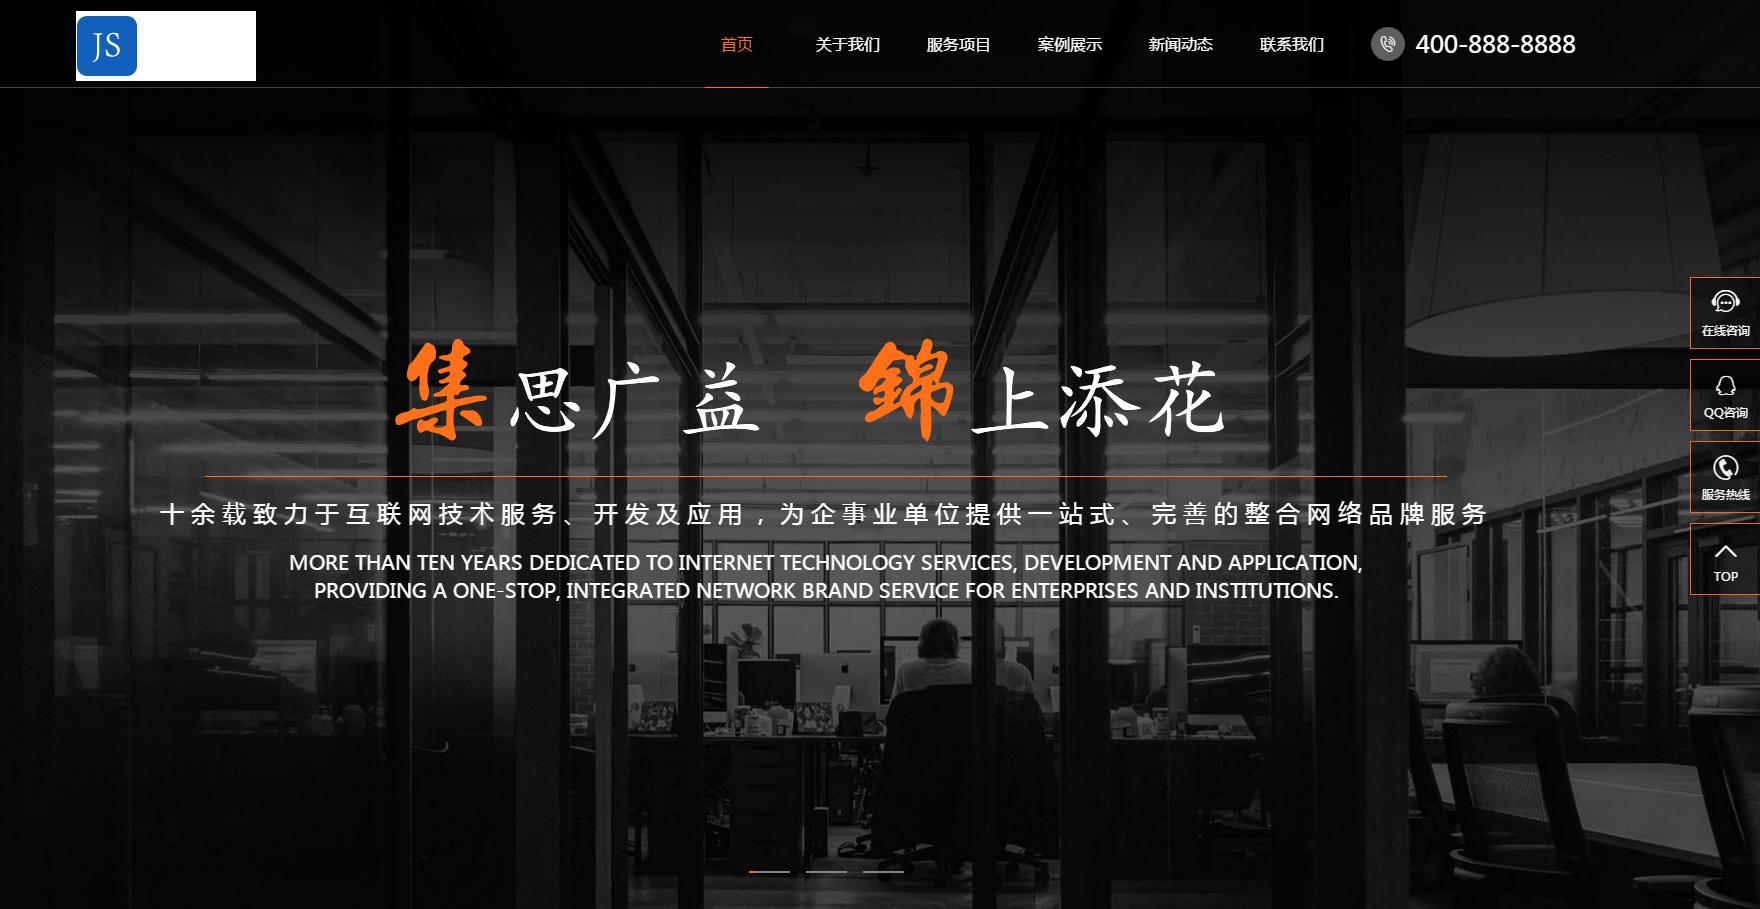 高端大气全屏响应式网站建设开发科技公司企业官网HTML5网站模板